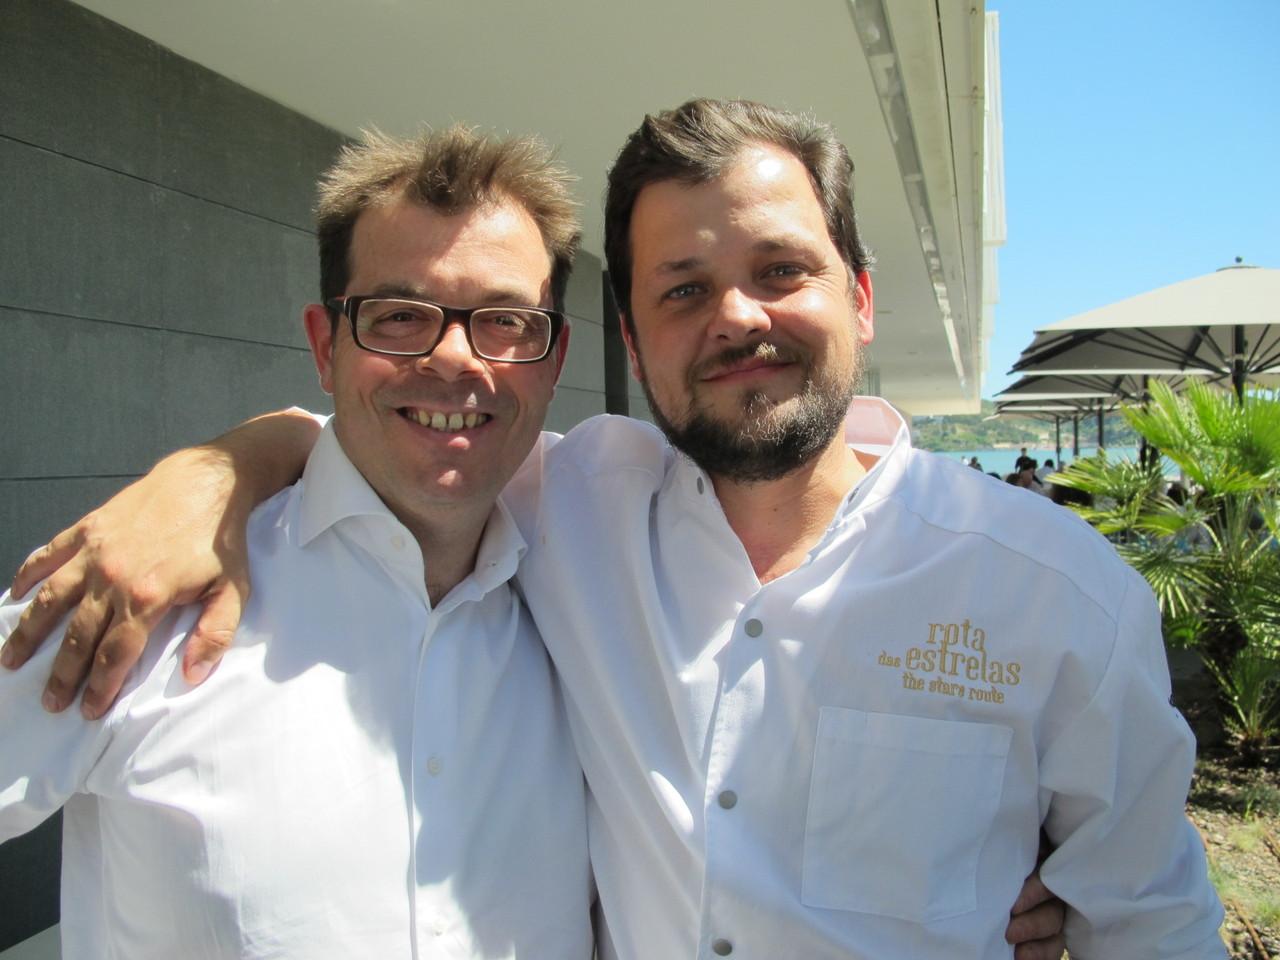 Michel van der Kroft e João Rodrigues